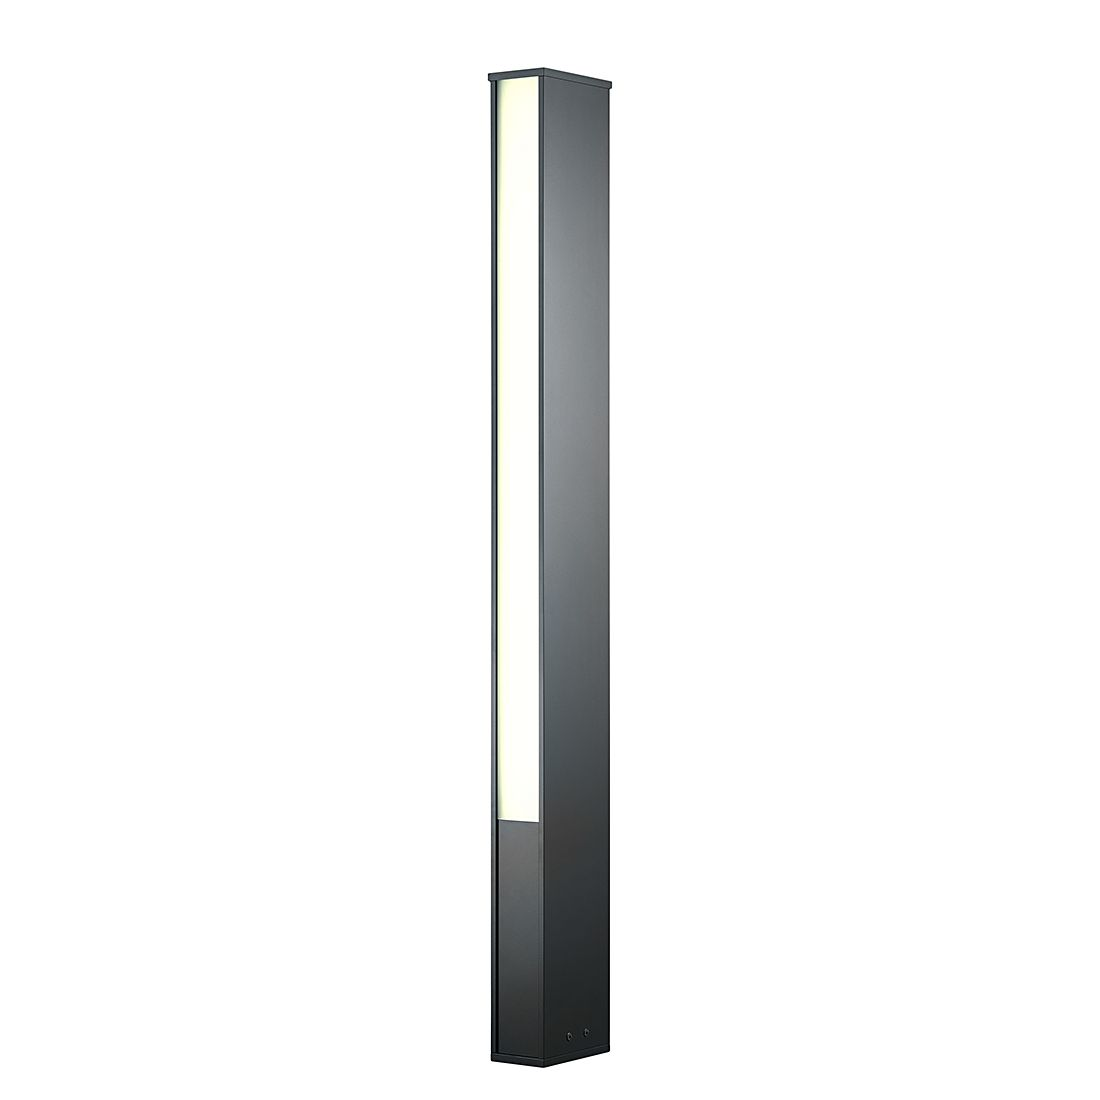 EEK A+, Außenleuchte TENDO LED – Metall/Kunststoff – Silber, Helestra günstig online kaufen